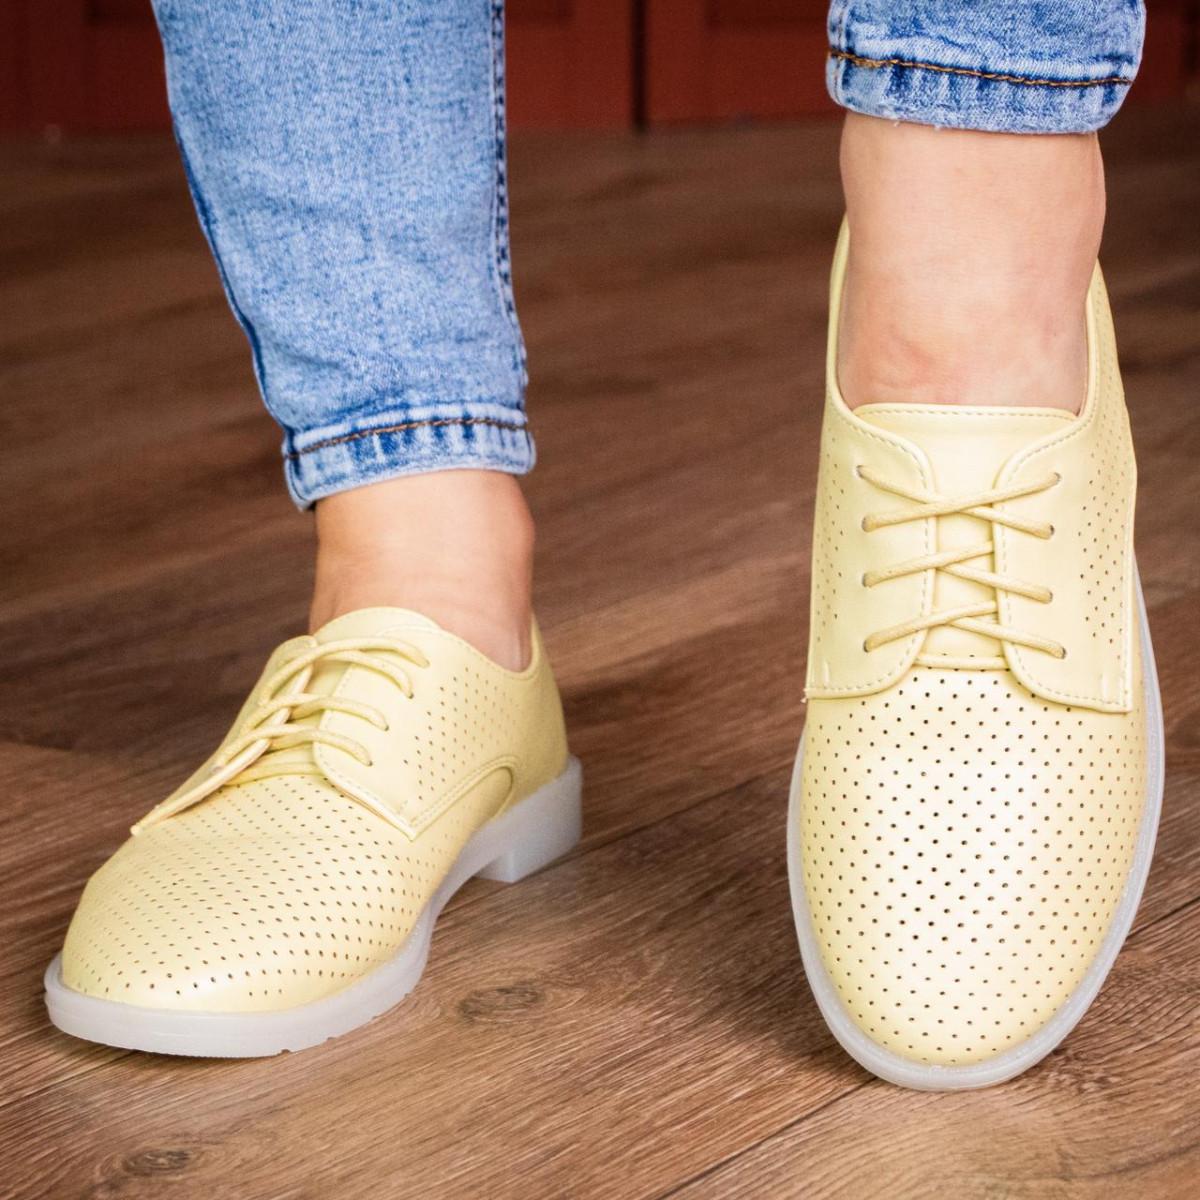 Жіночі туфлі Fashion Lippy 1772 36 розмір 23 см Жовтий